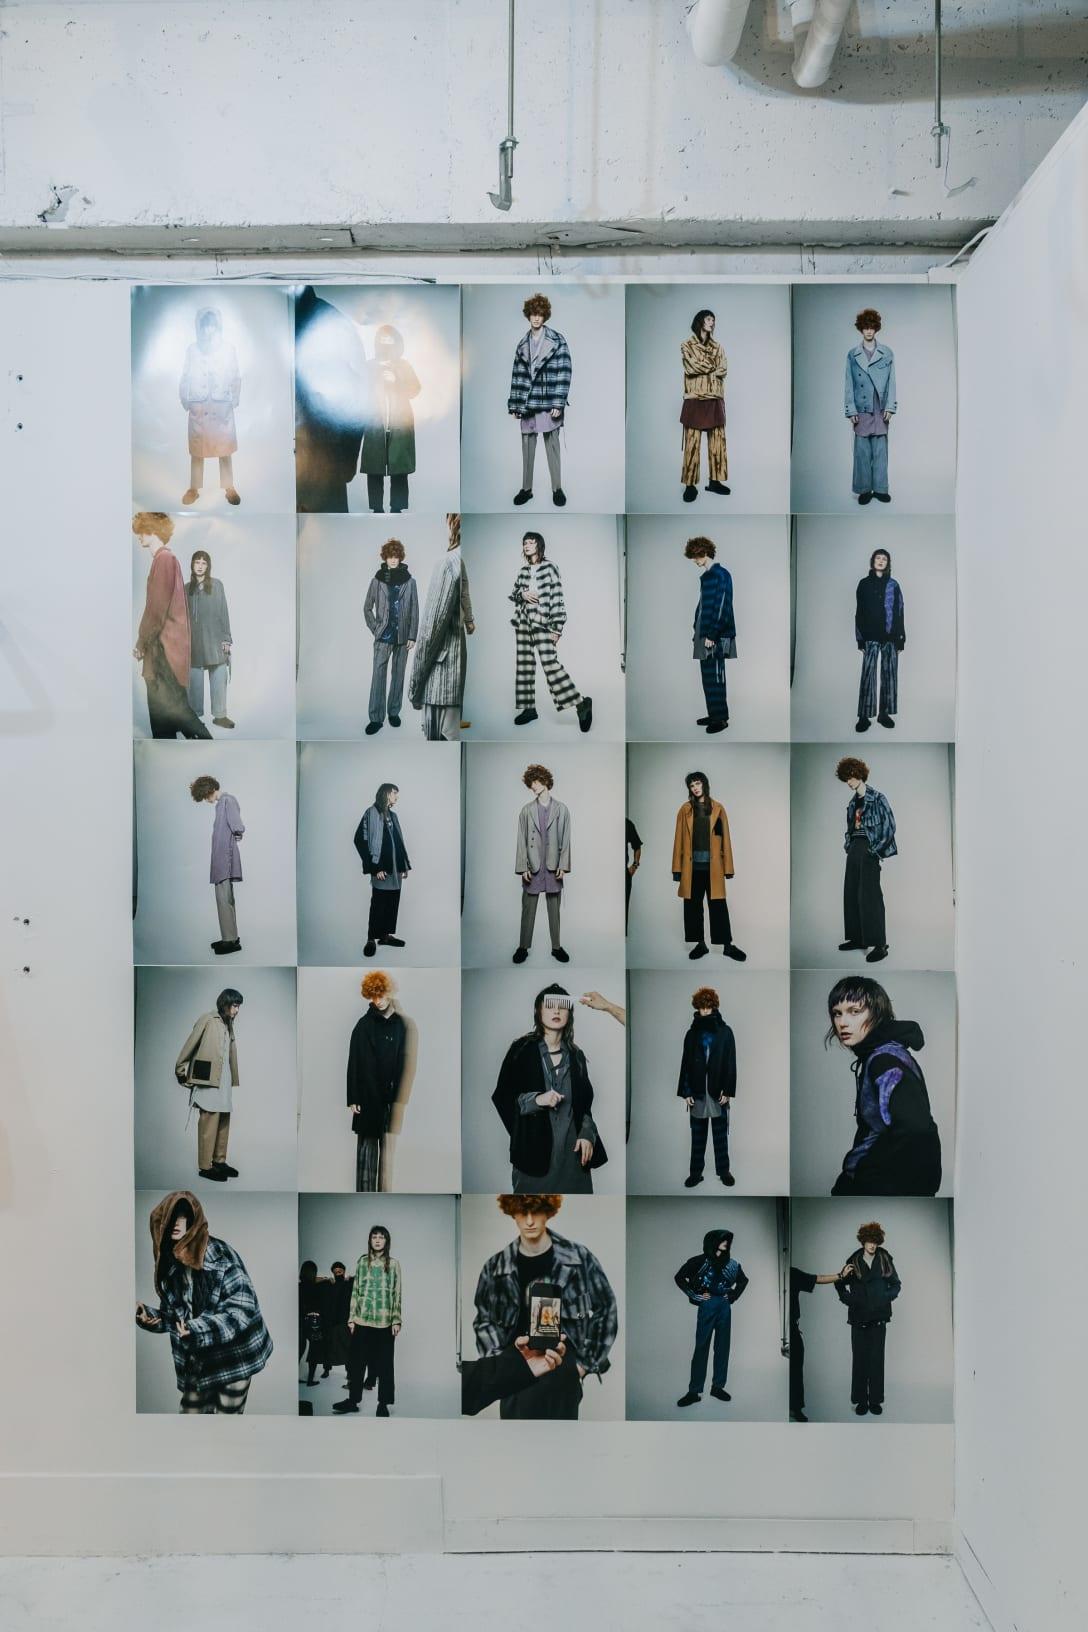 2021年秋冬コレクションのルックブック。東京ファッションウィークで配信した映像では、全く別の演出でコレクションを披露している